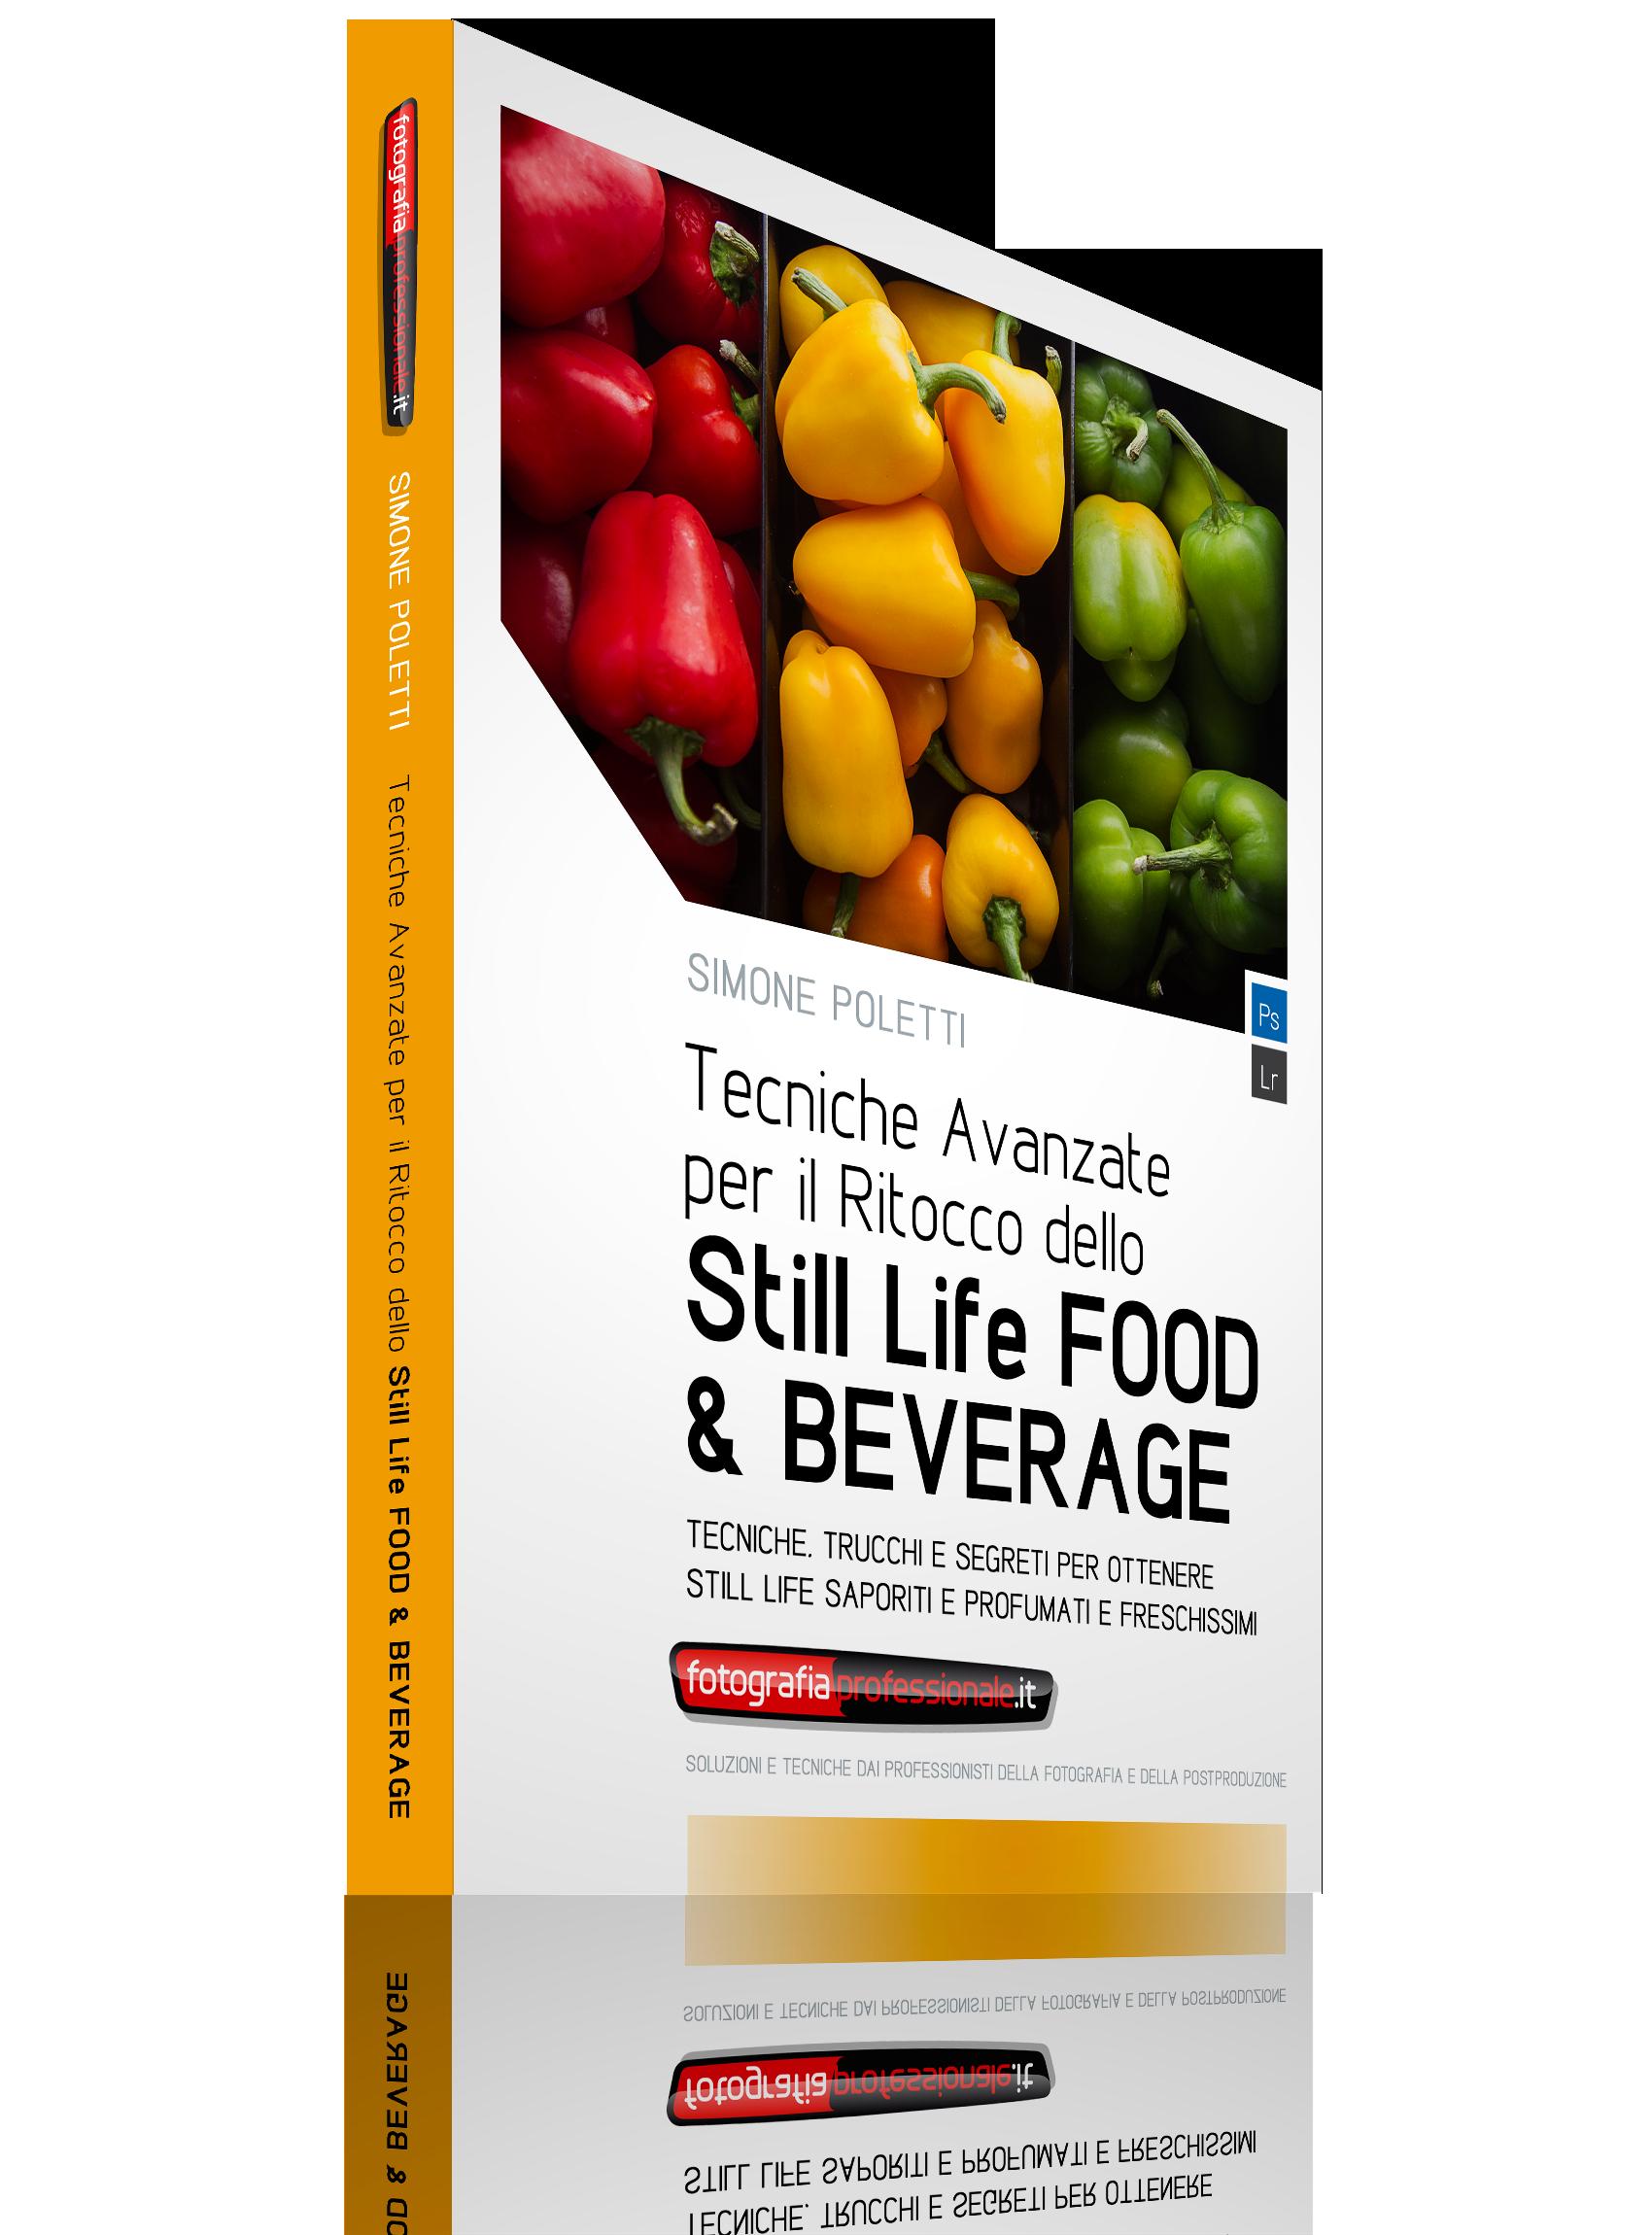 Tecniche Avanzate per il Ritocco dello Still Life Food & Beverage